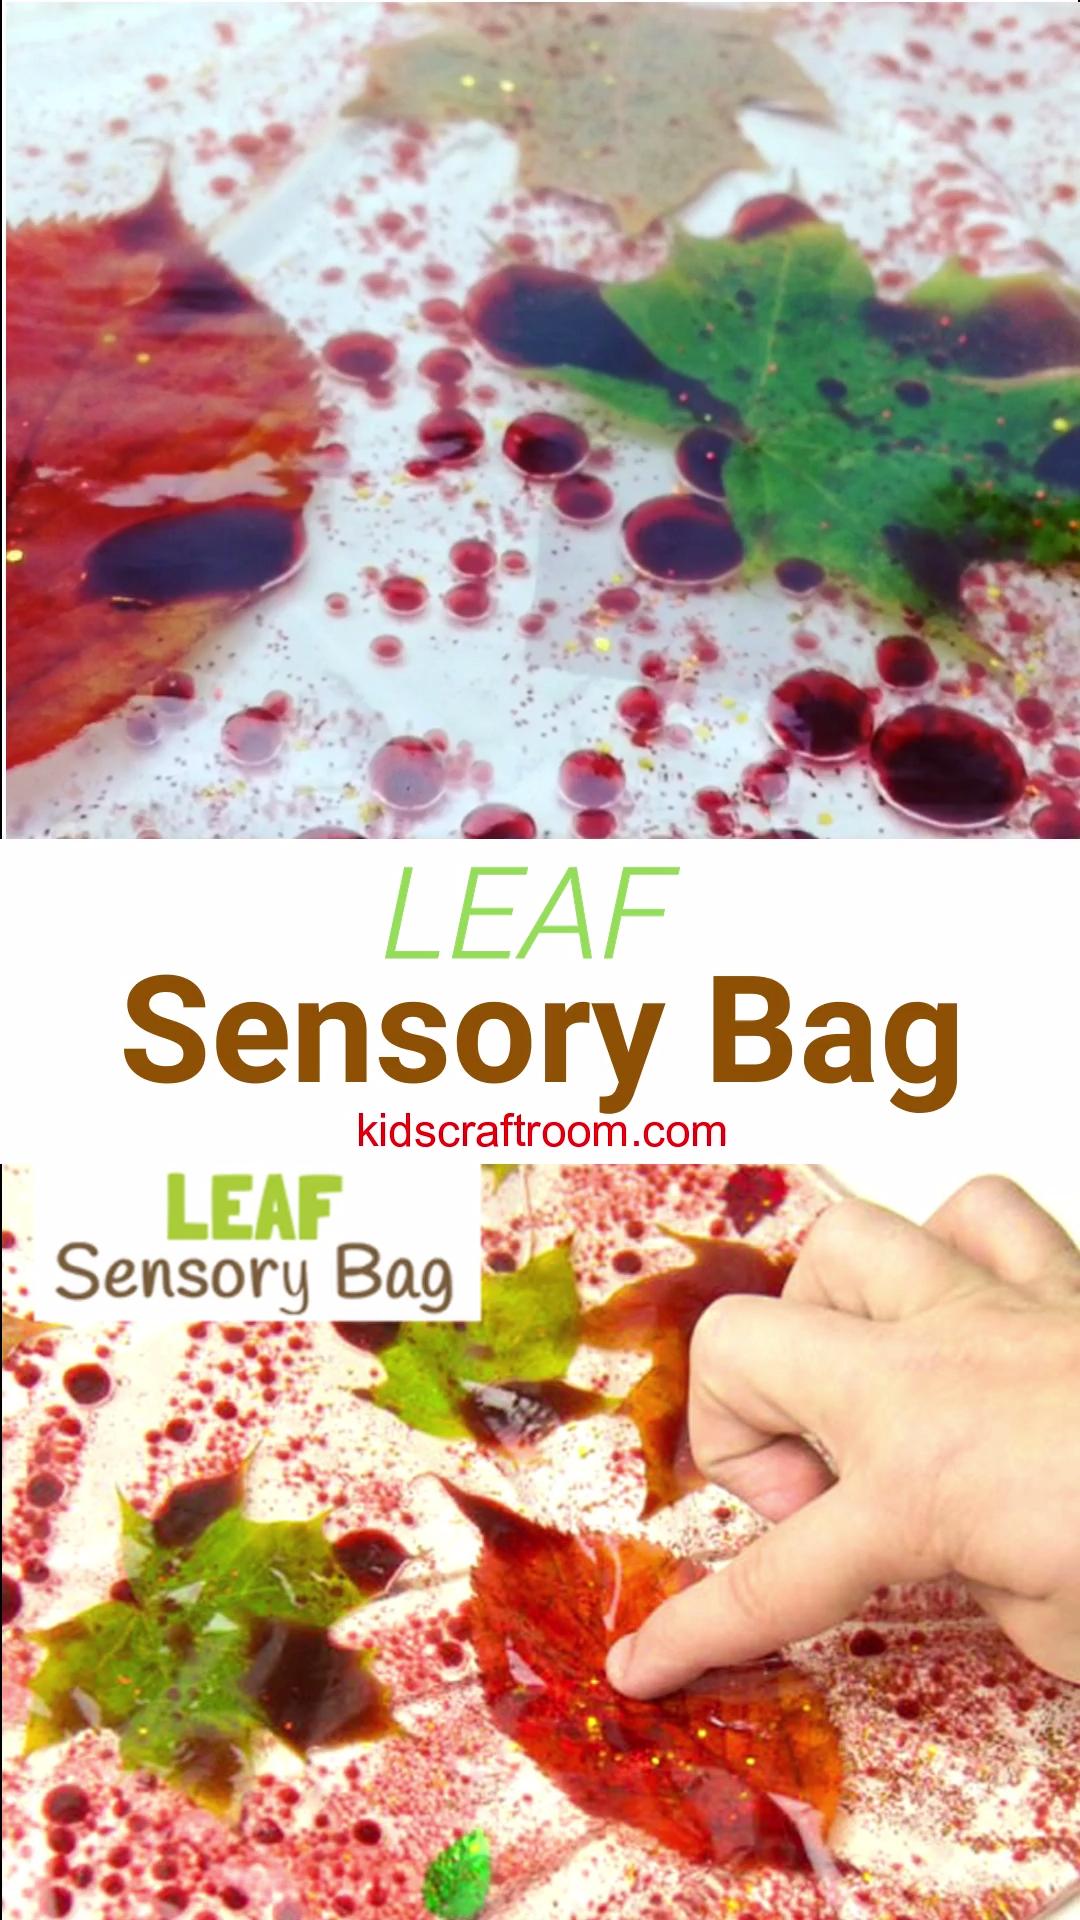 Leaf Sensory Bag